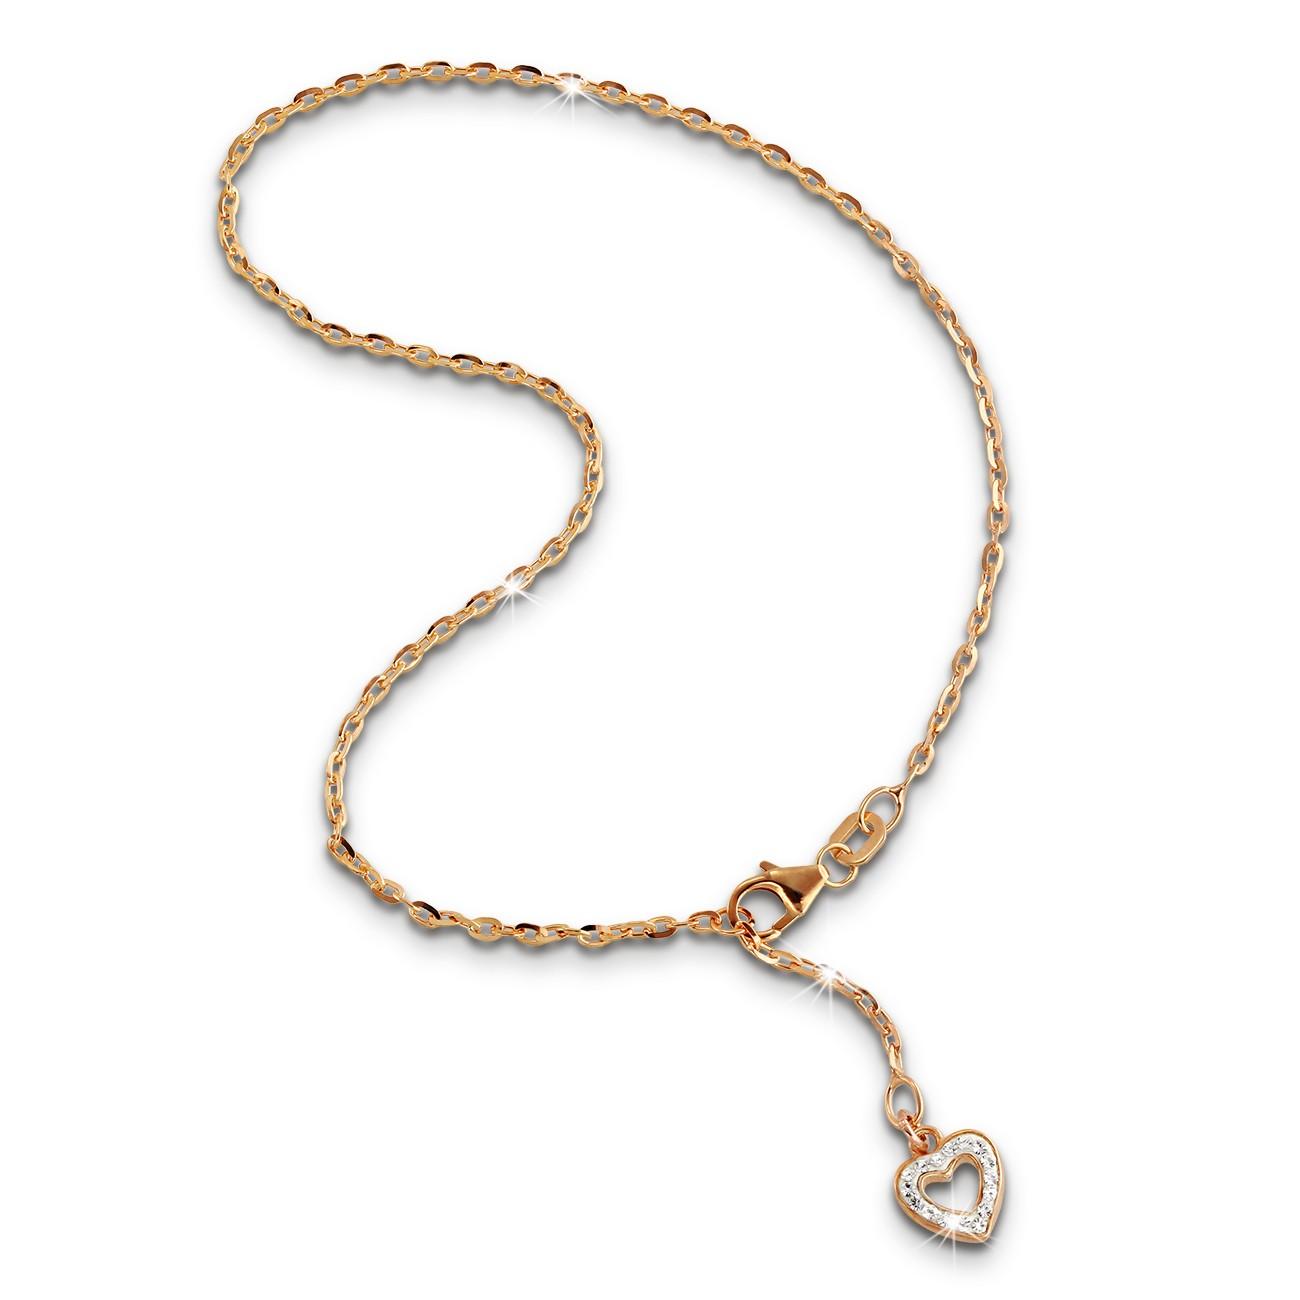 SilberDream Fußkette Herz Zirkonia 25,5cm Rose vergoldet und 925 Silber SDF0335E